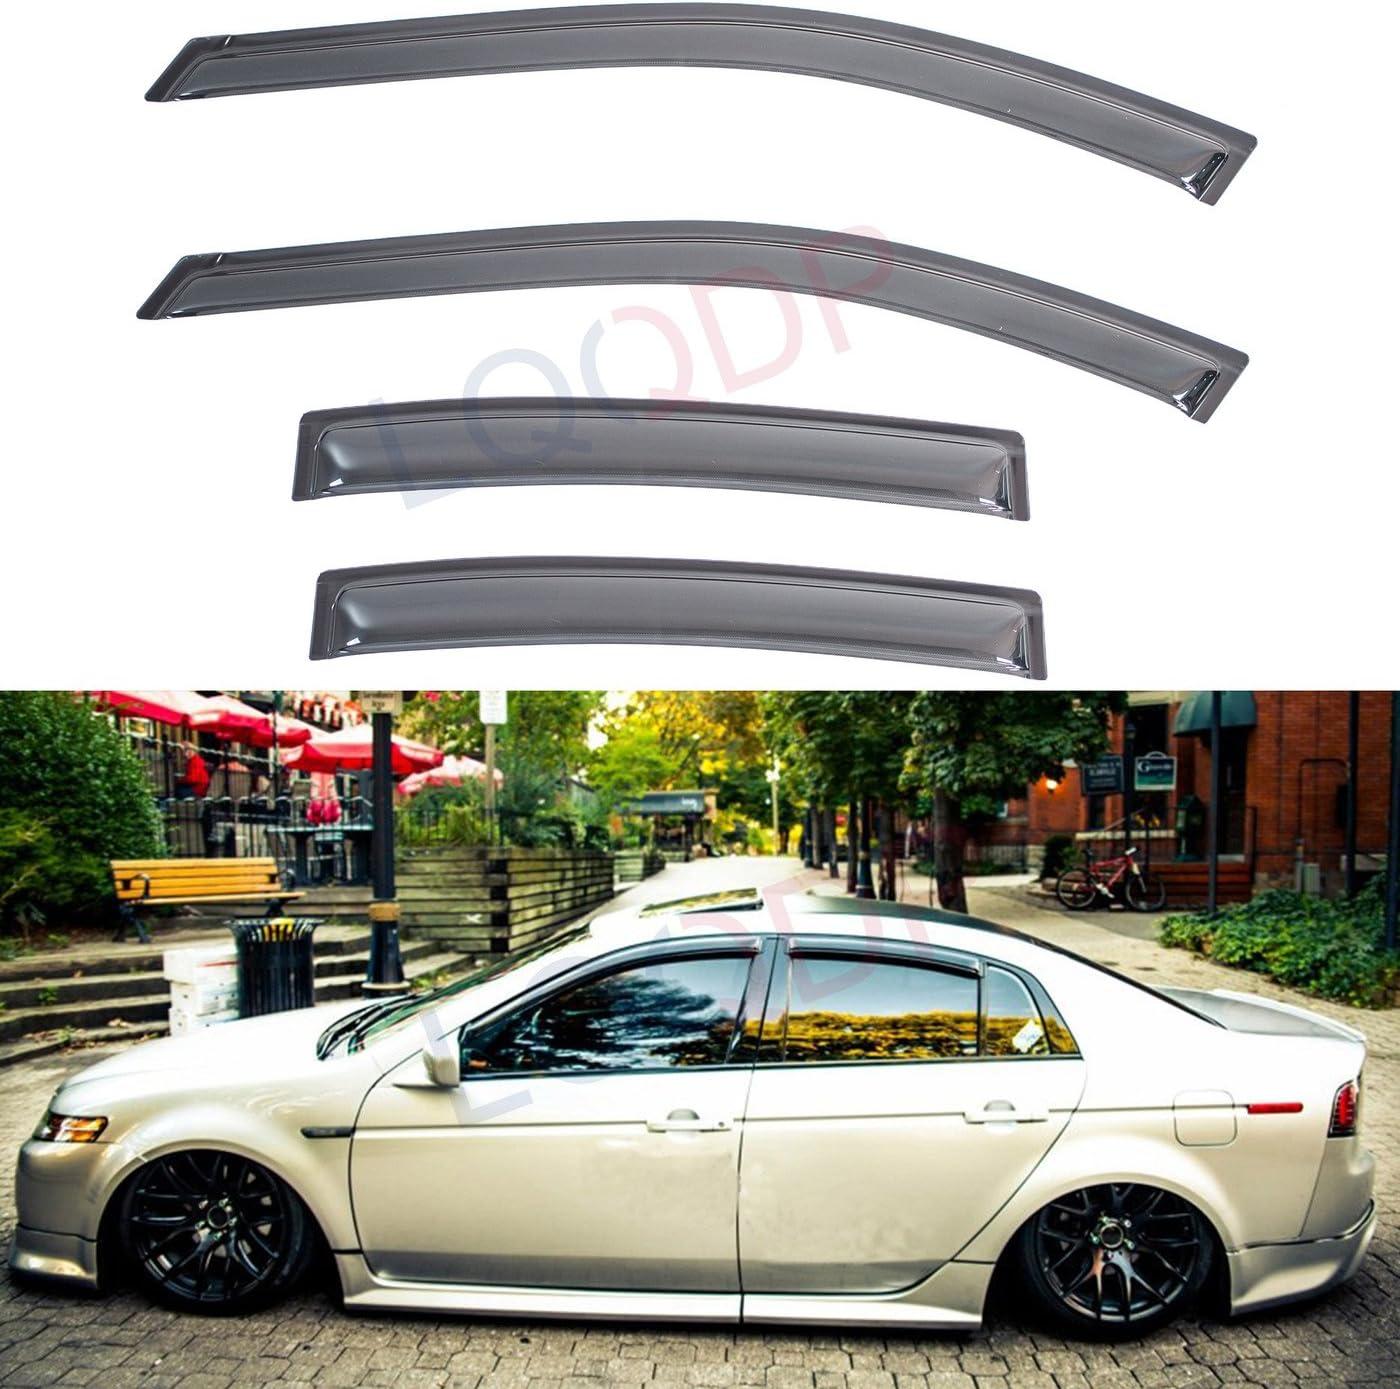 JDM Window Visor Deflector Out-Channel Light Tinted 4pc For Chrysler Aspen 07-10